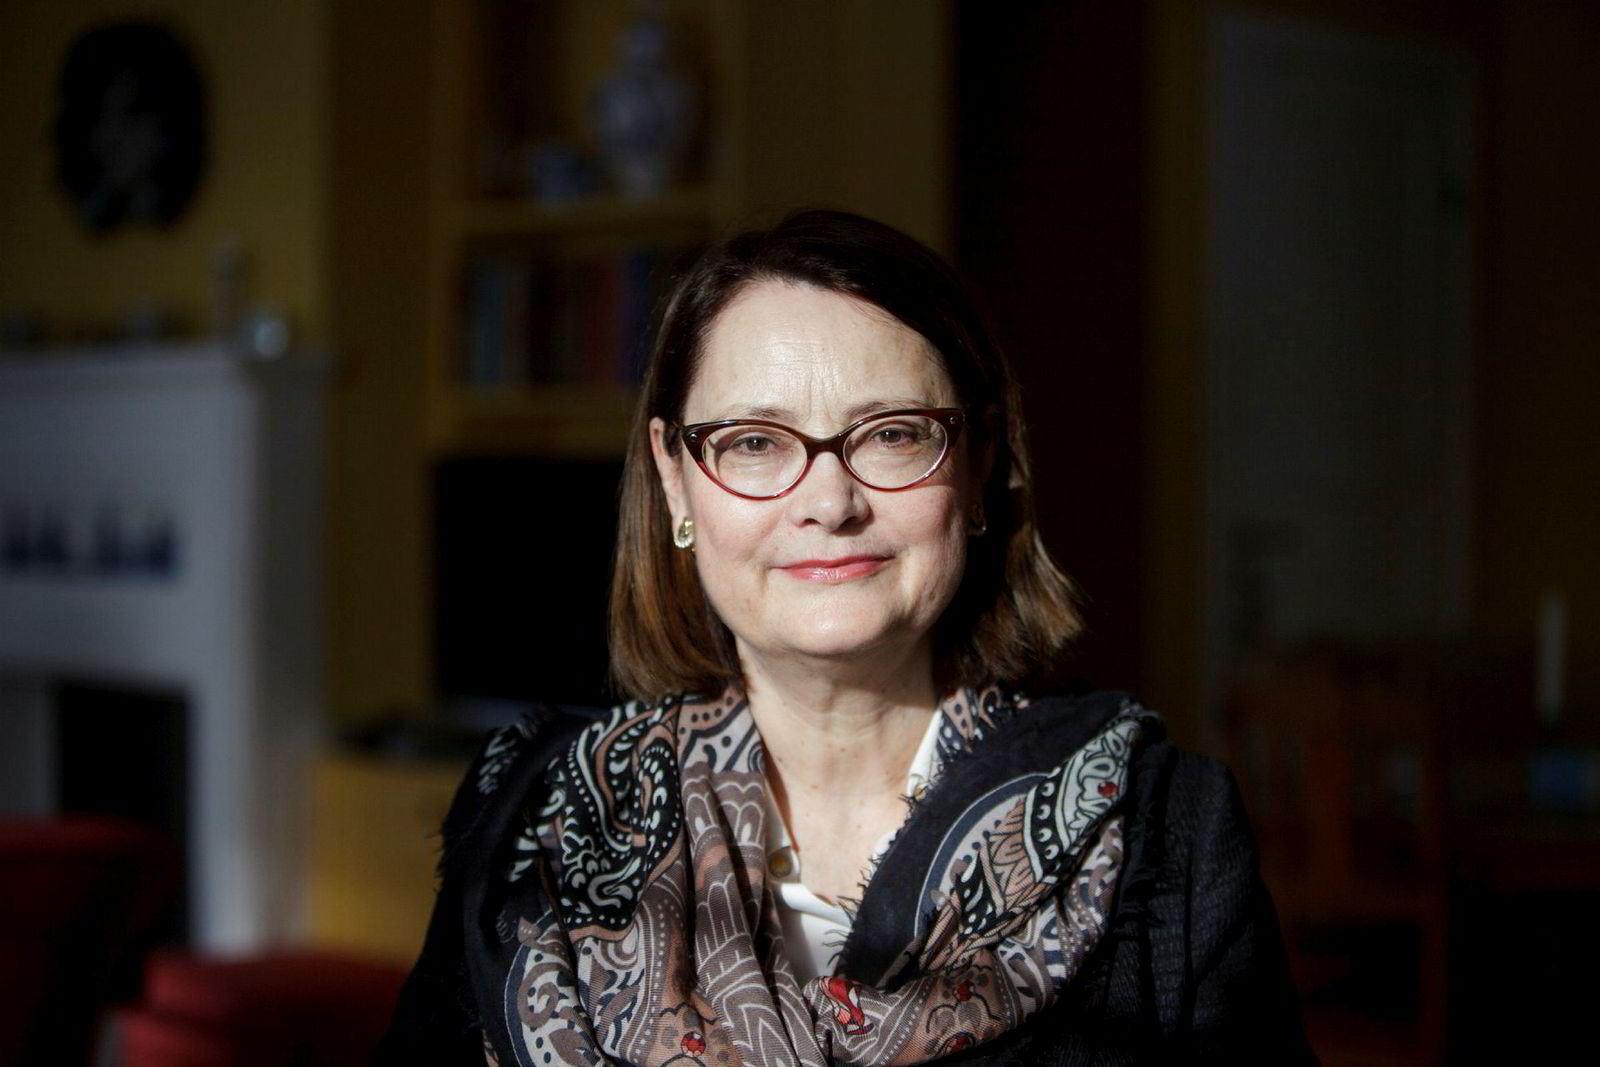 – Når norske myndigheter systematisk og ulovlig forskjellsbehandler kvinner og menn, er det Esas jobb å stille dem til ansvar, sa Bente Angell-Hanssen, president i overvåkningsorganet Esa, da de tok Norge til Efta-domstolen i 2018. Nå er anklagen avvist.